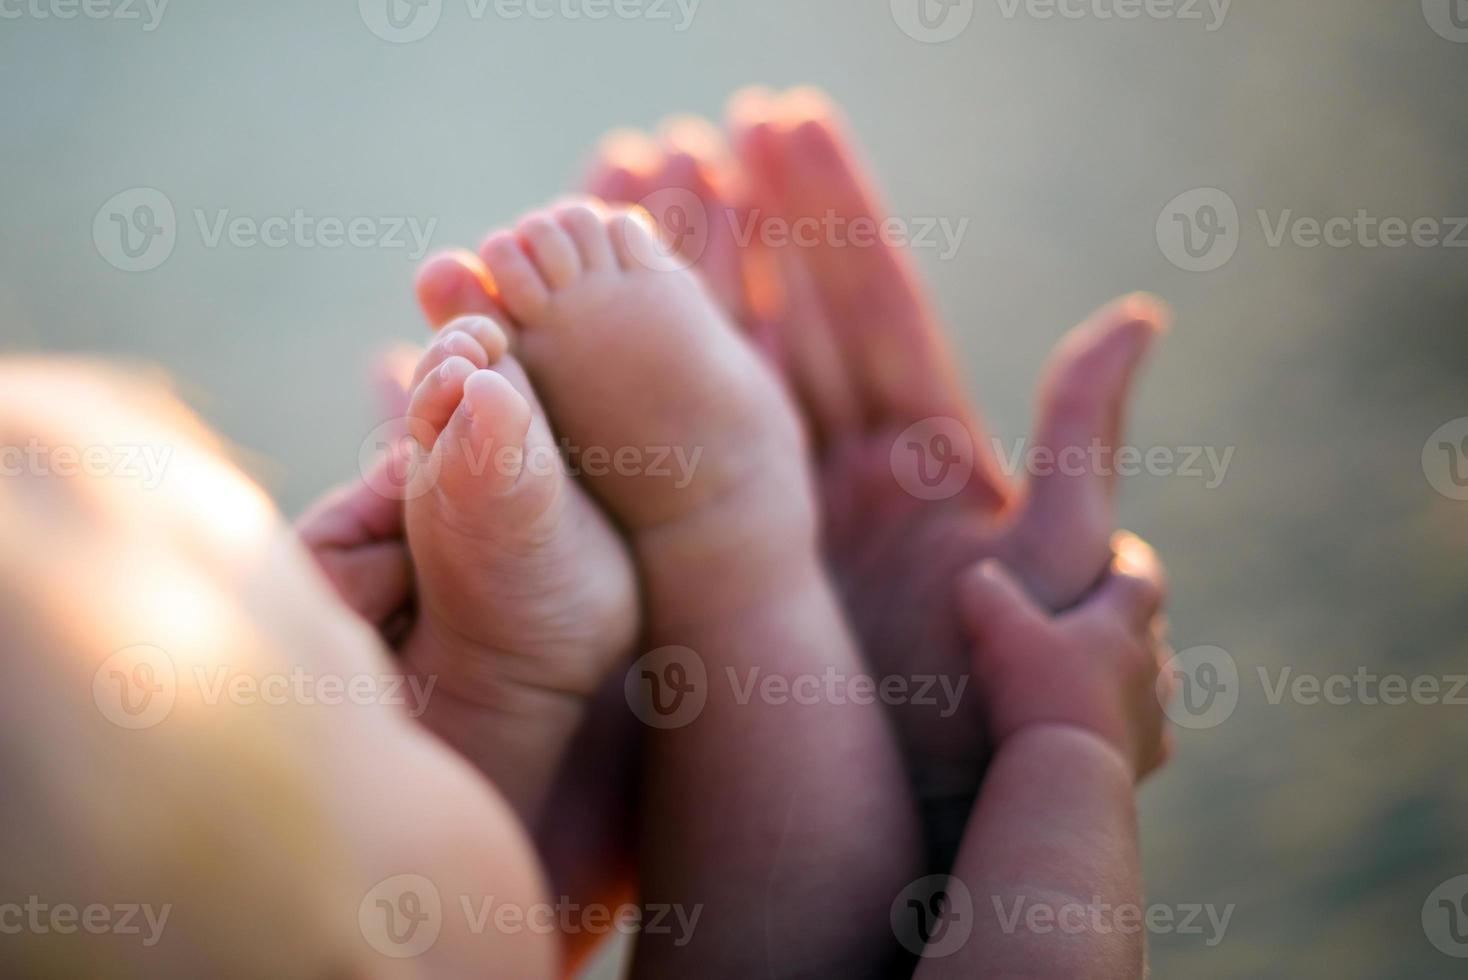 piccoli piedi del bambino sulle mani delle madri all'aperto a backligh foto